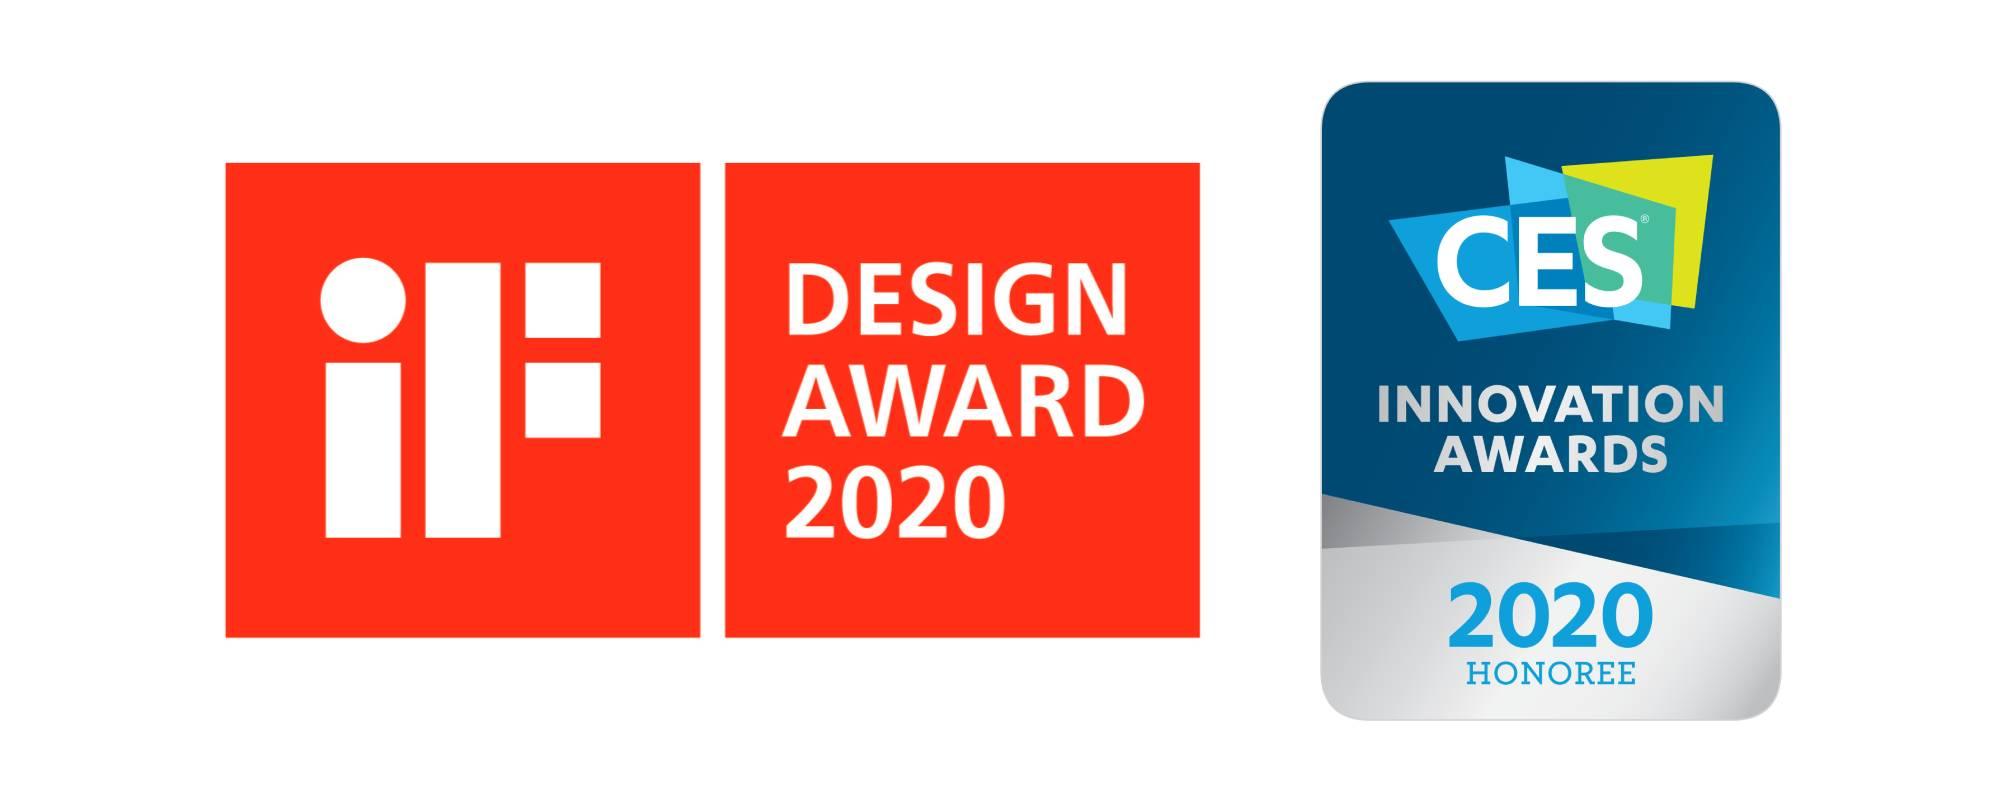 Logo iF Design Awards 2020 oraz CES Innovation Awards 2020, nagród zdobytych przez kamerę konferencyjną Kandao Meeting 360